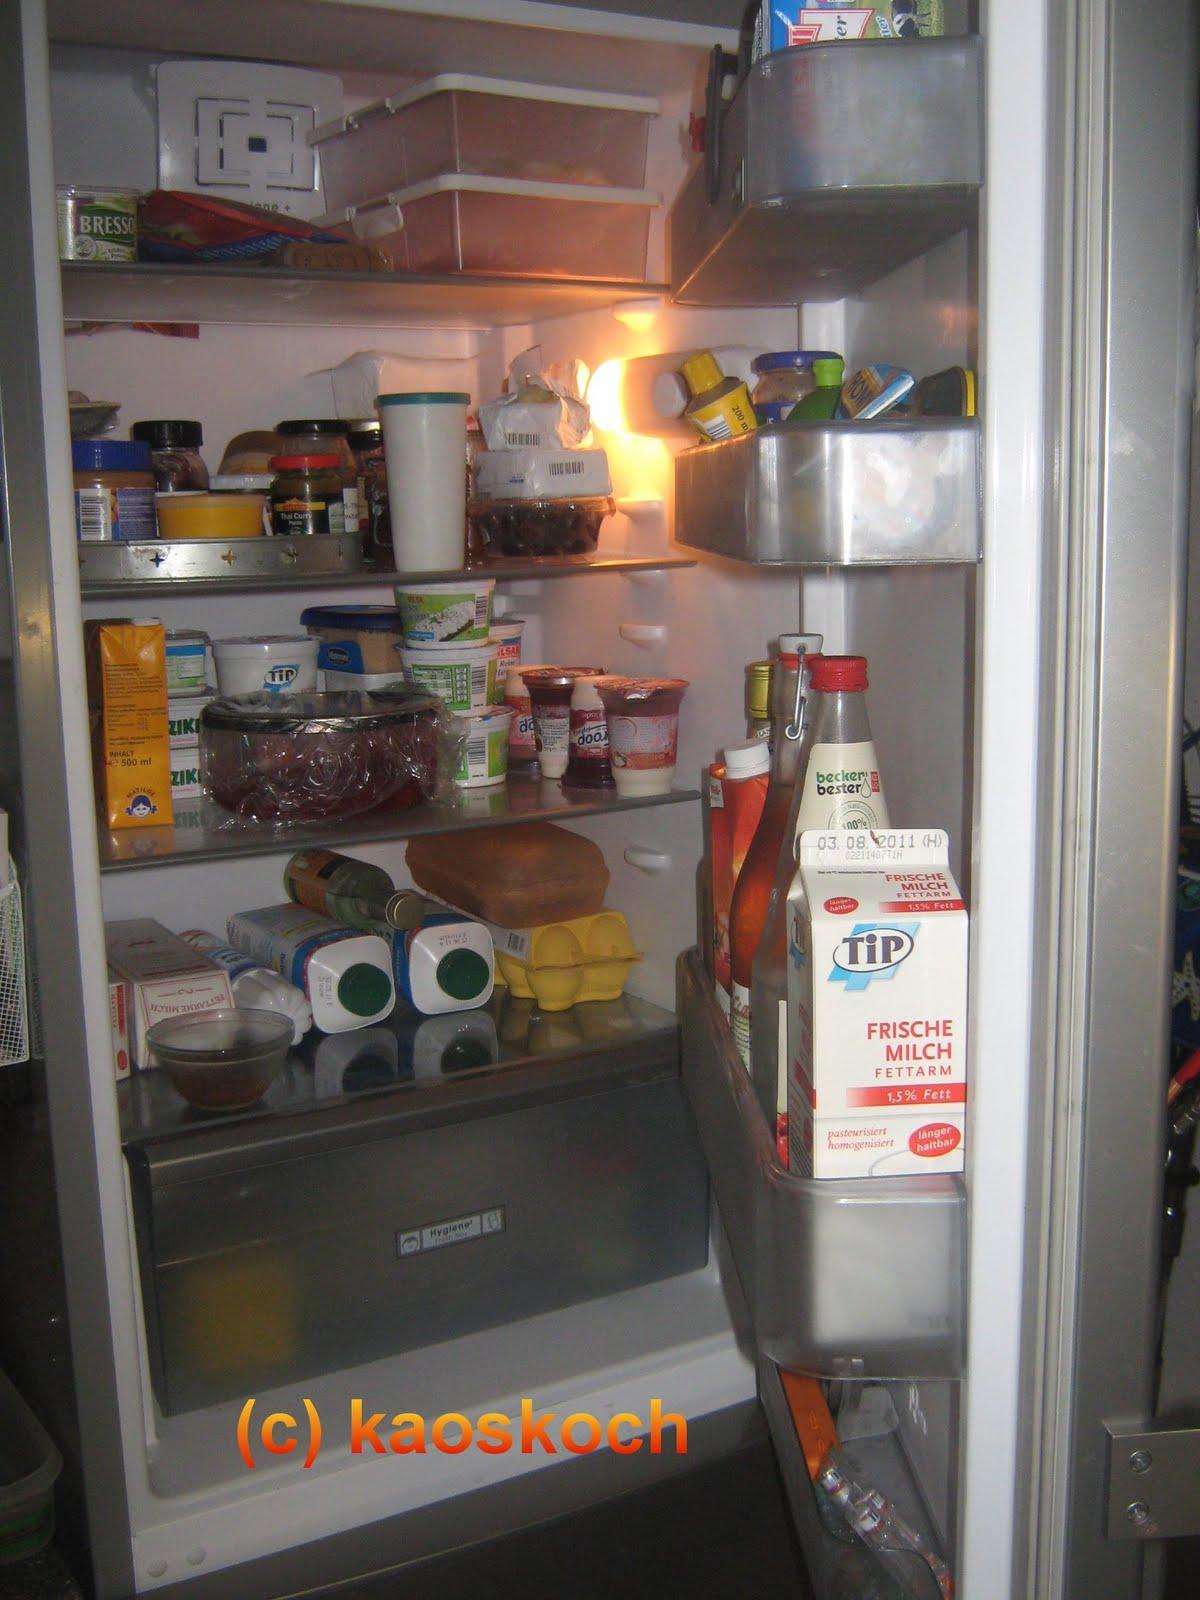 Amerikanische Kühlschränke Jahre m bel diner retrom bel hellwig s